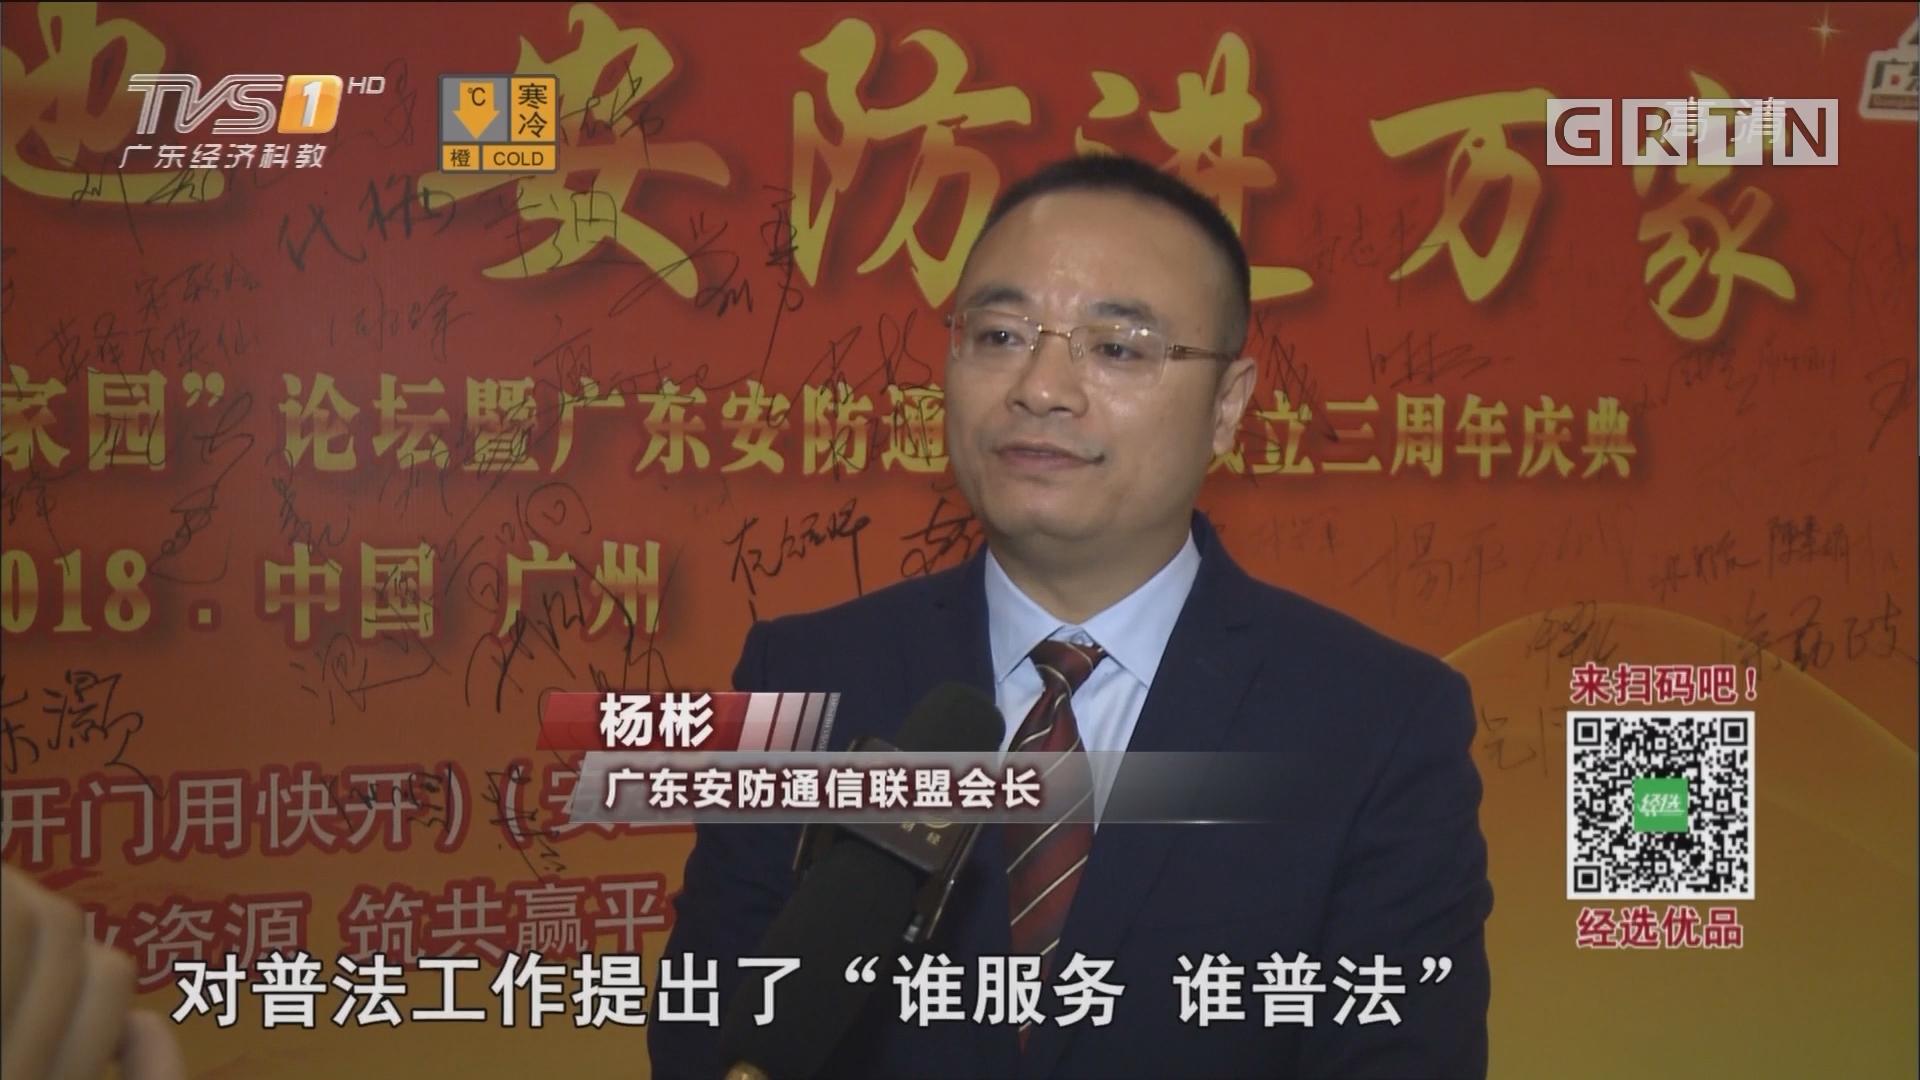 600名企业家学宪法 社会力量参与普法